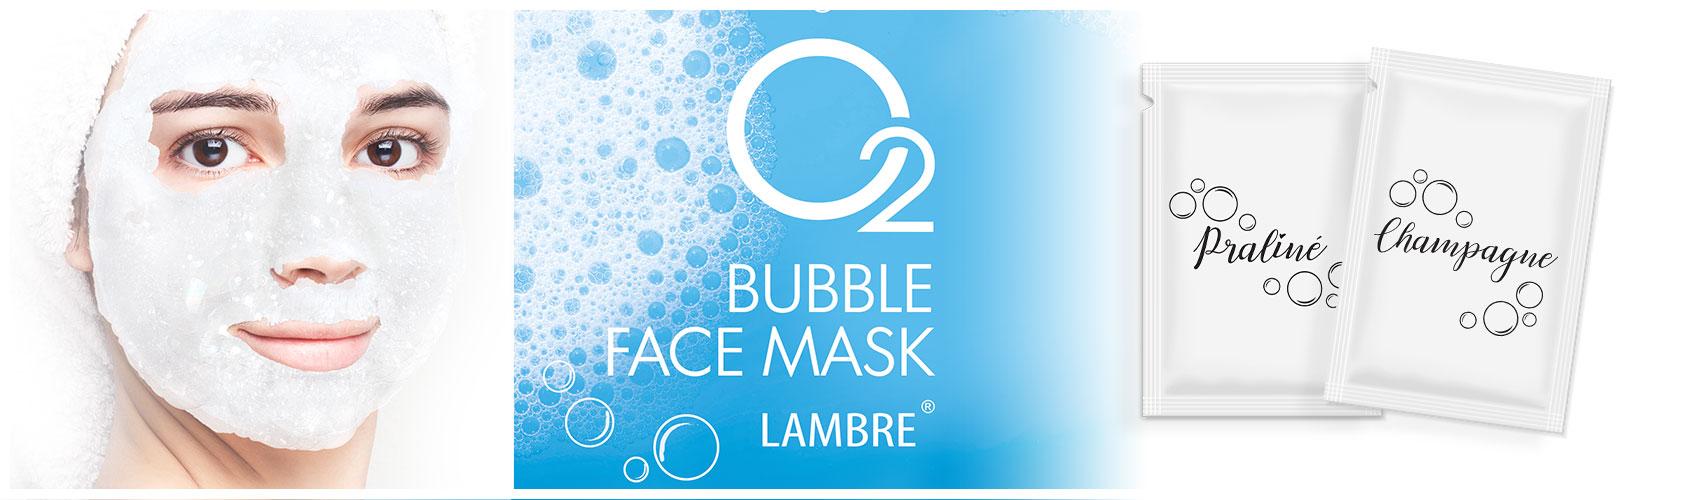 BUBBLE FACE MASK Пузырьковая маска с сильным кислородным действием